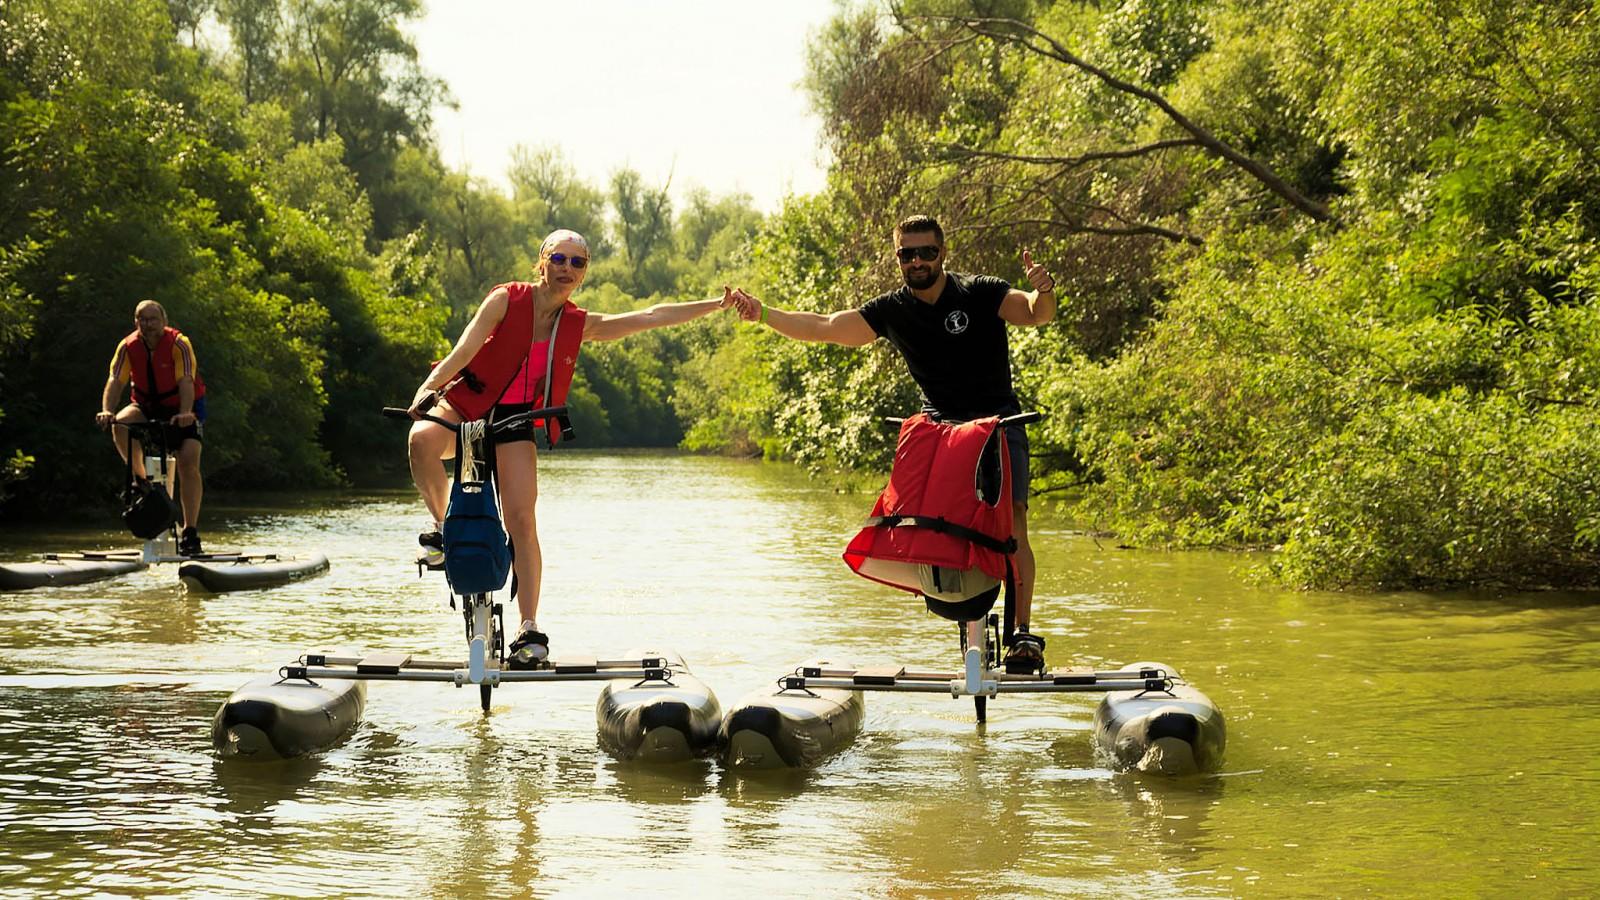 Plimbare bicicleta nautică Delta Dunării